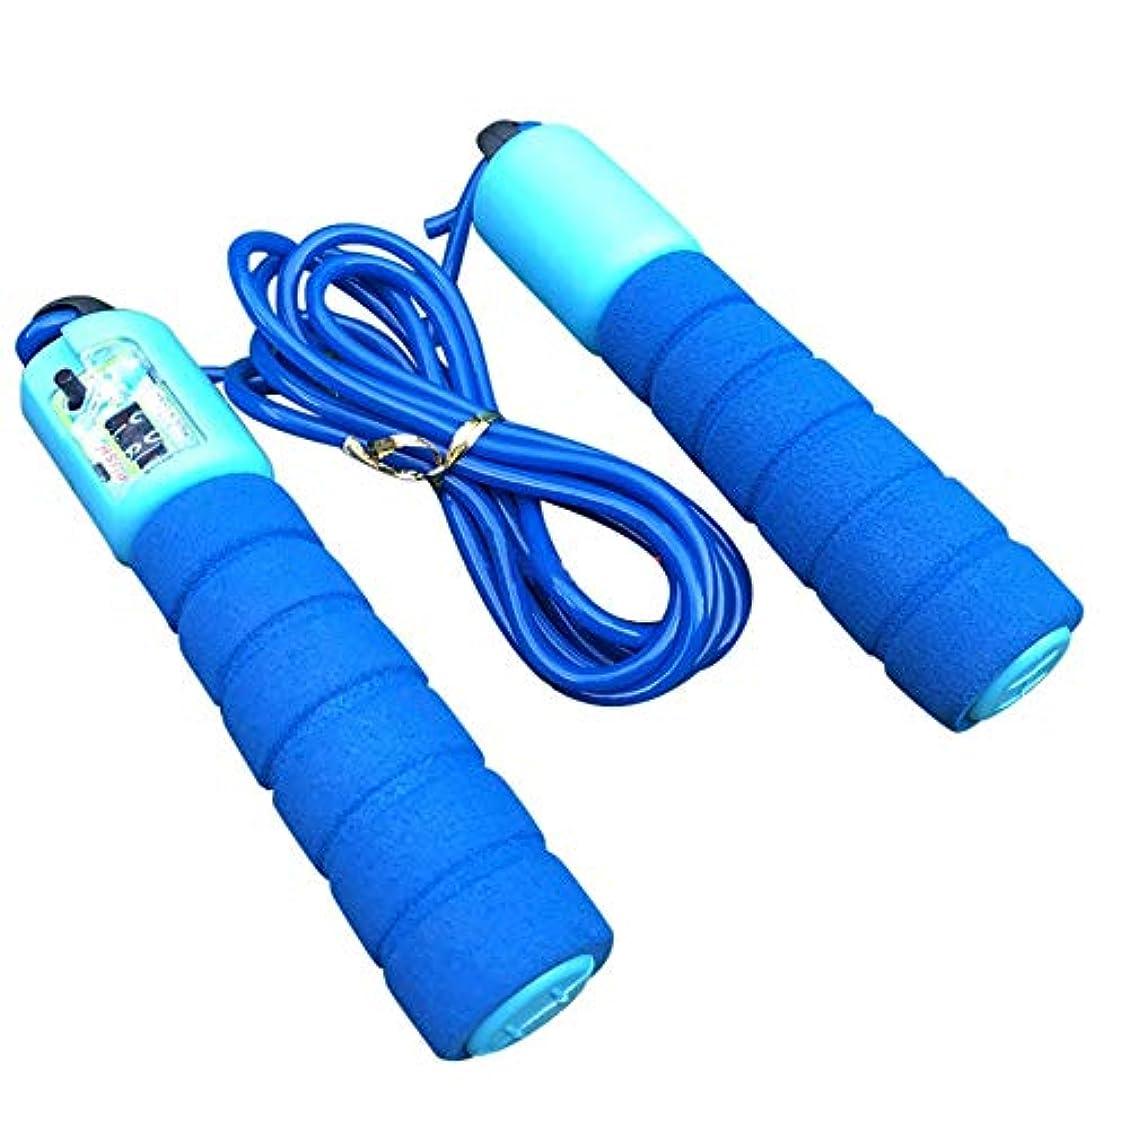 寛容な浴室雑種調整可能なプロフェッショナルカウント縄跳び自動カウントジャンプロープフィットネス運動高速カウントジャンプロープ - 青